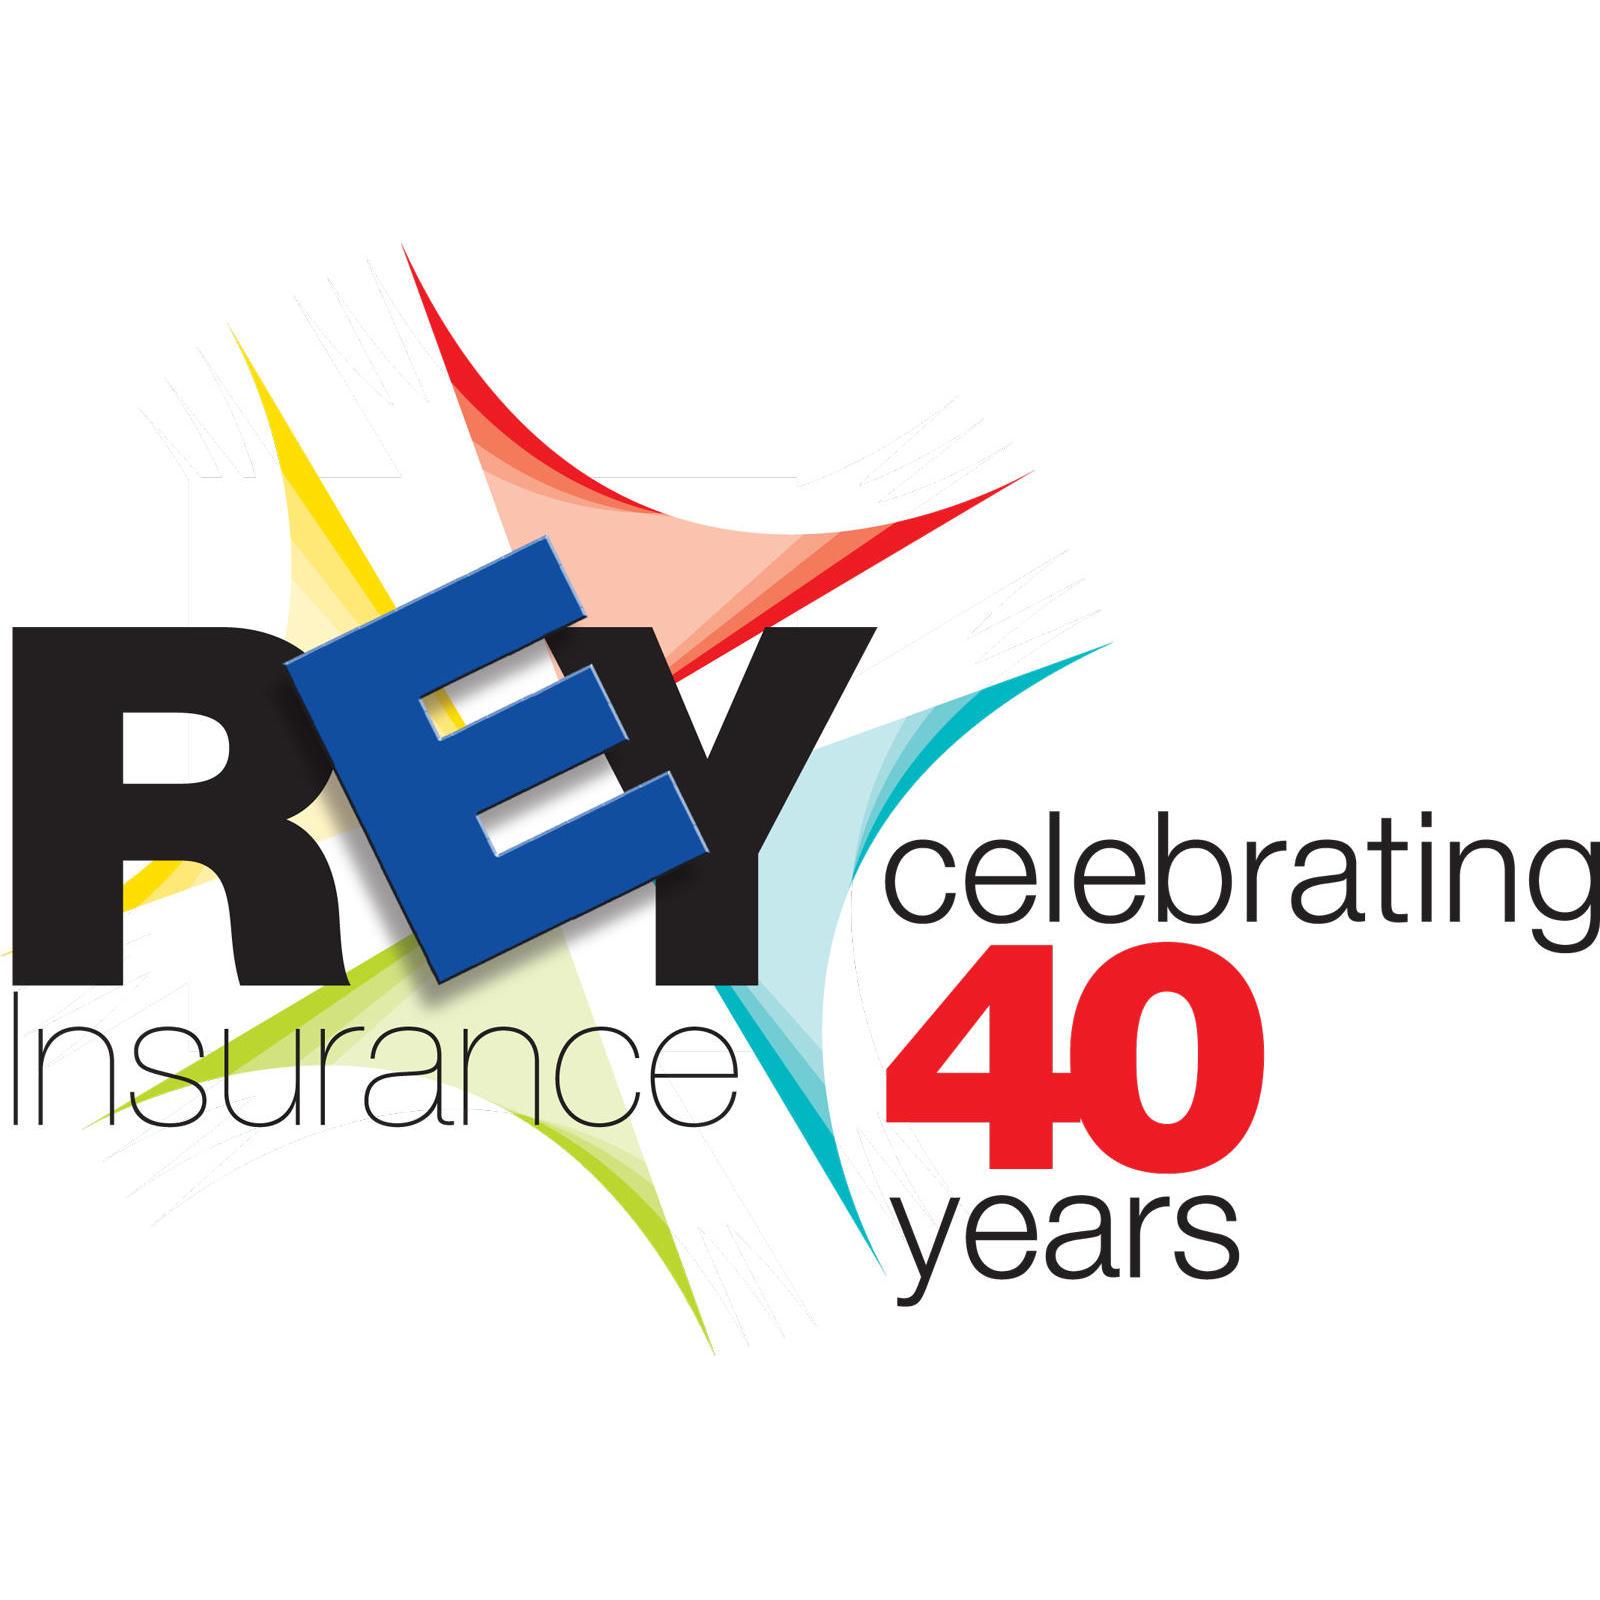 Rey Insurance Agency